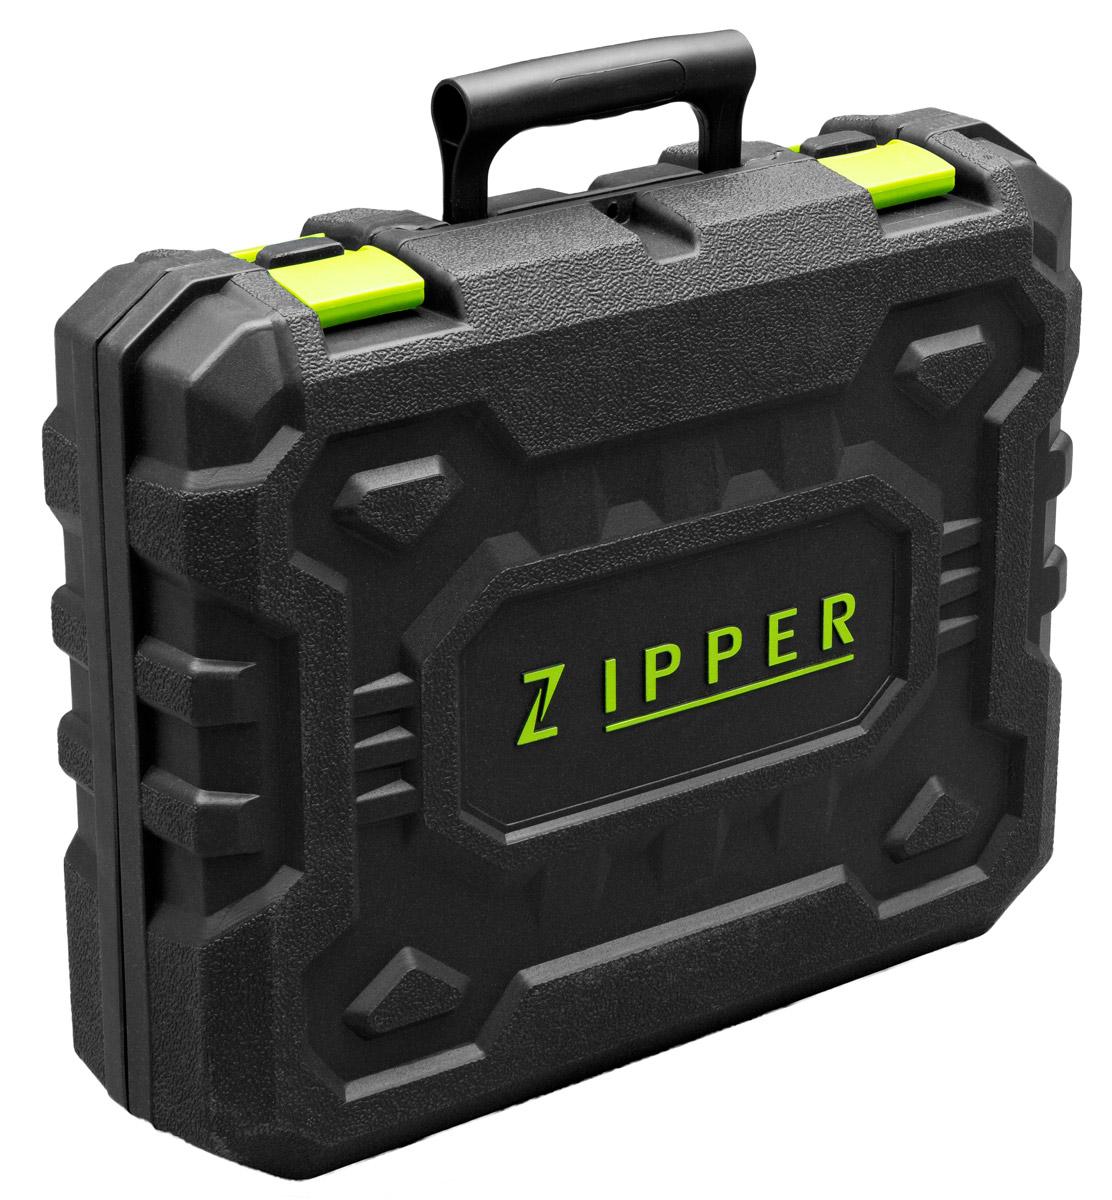 Bourací kladivo Zipper ZI-BHA1500D-2